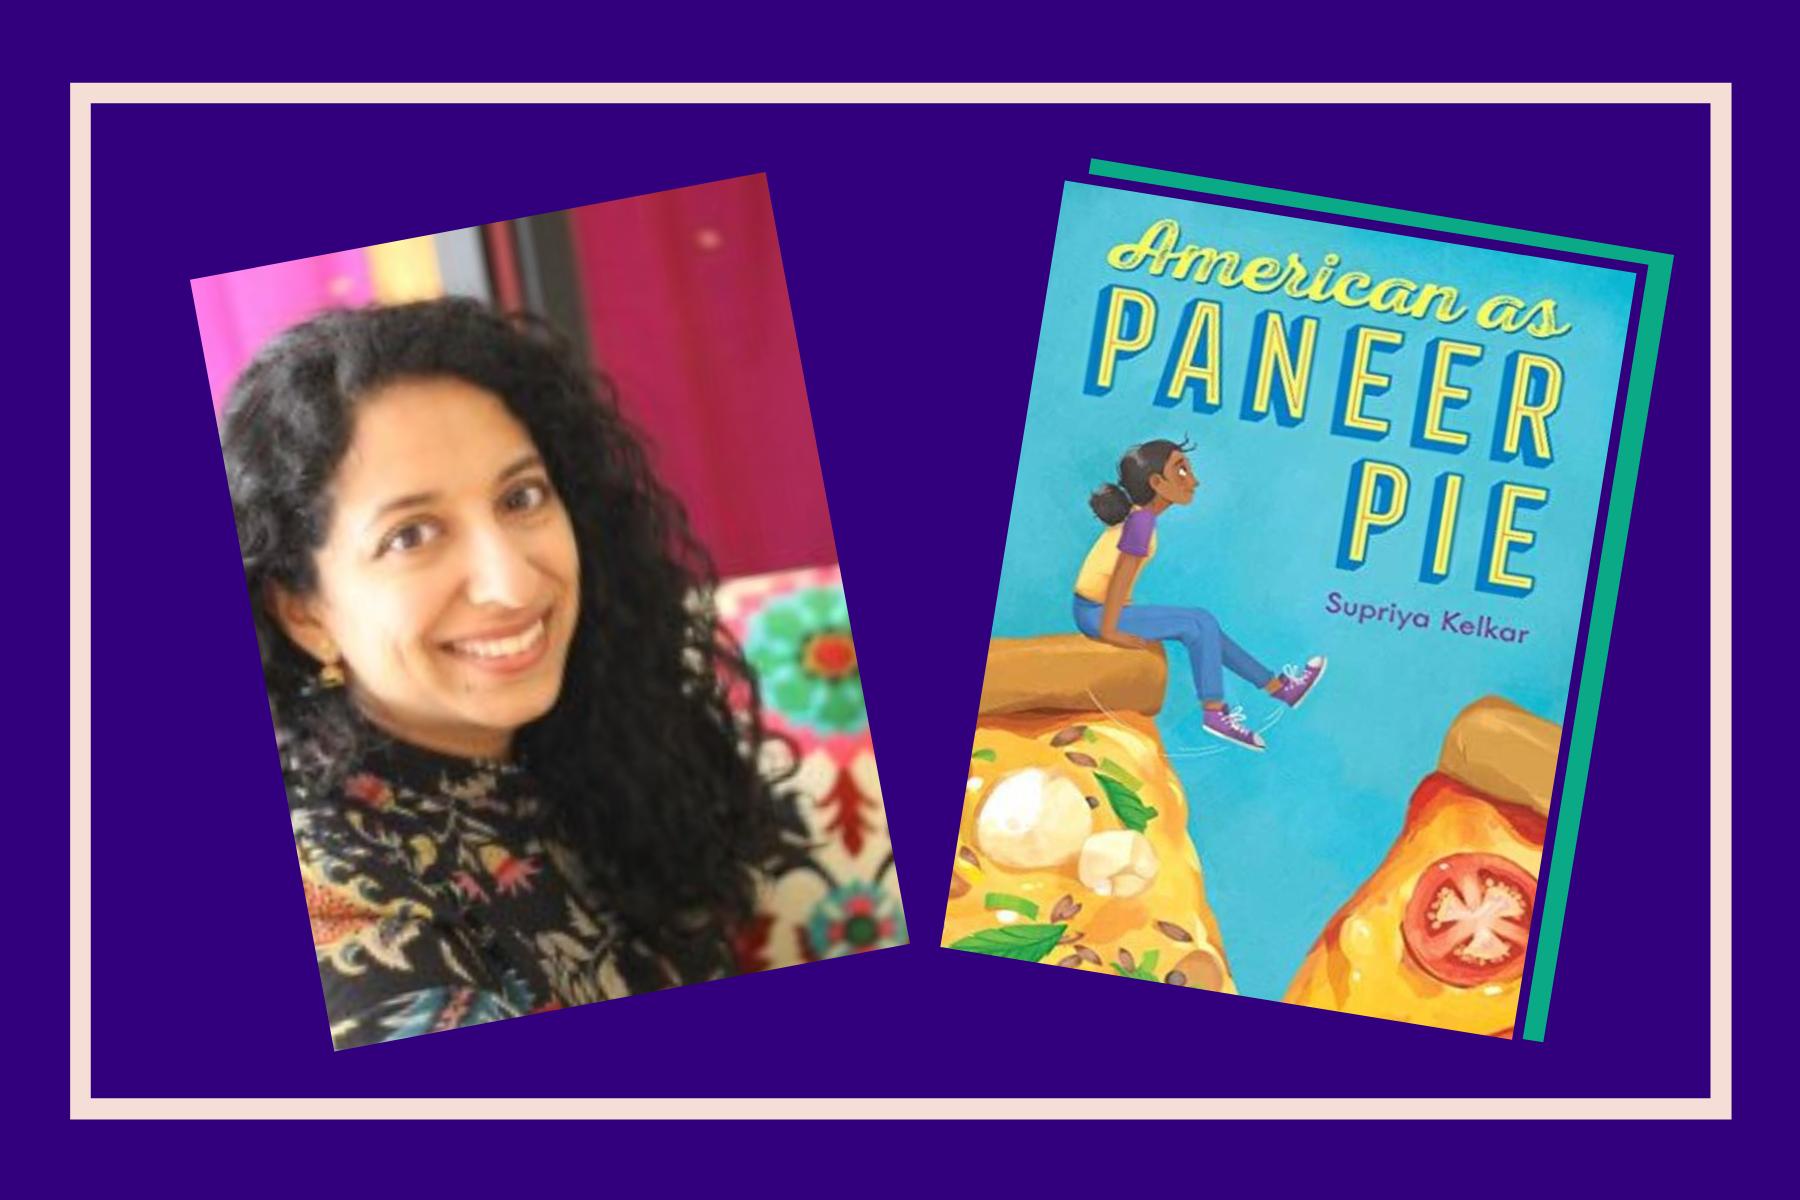 book review america as paneer pie